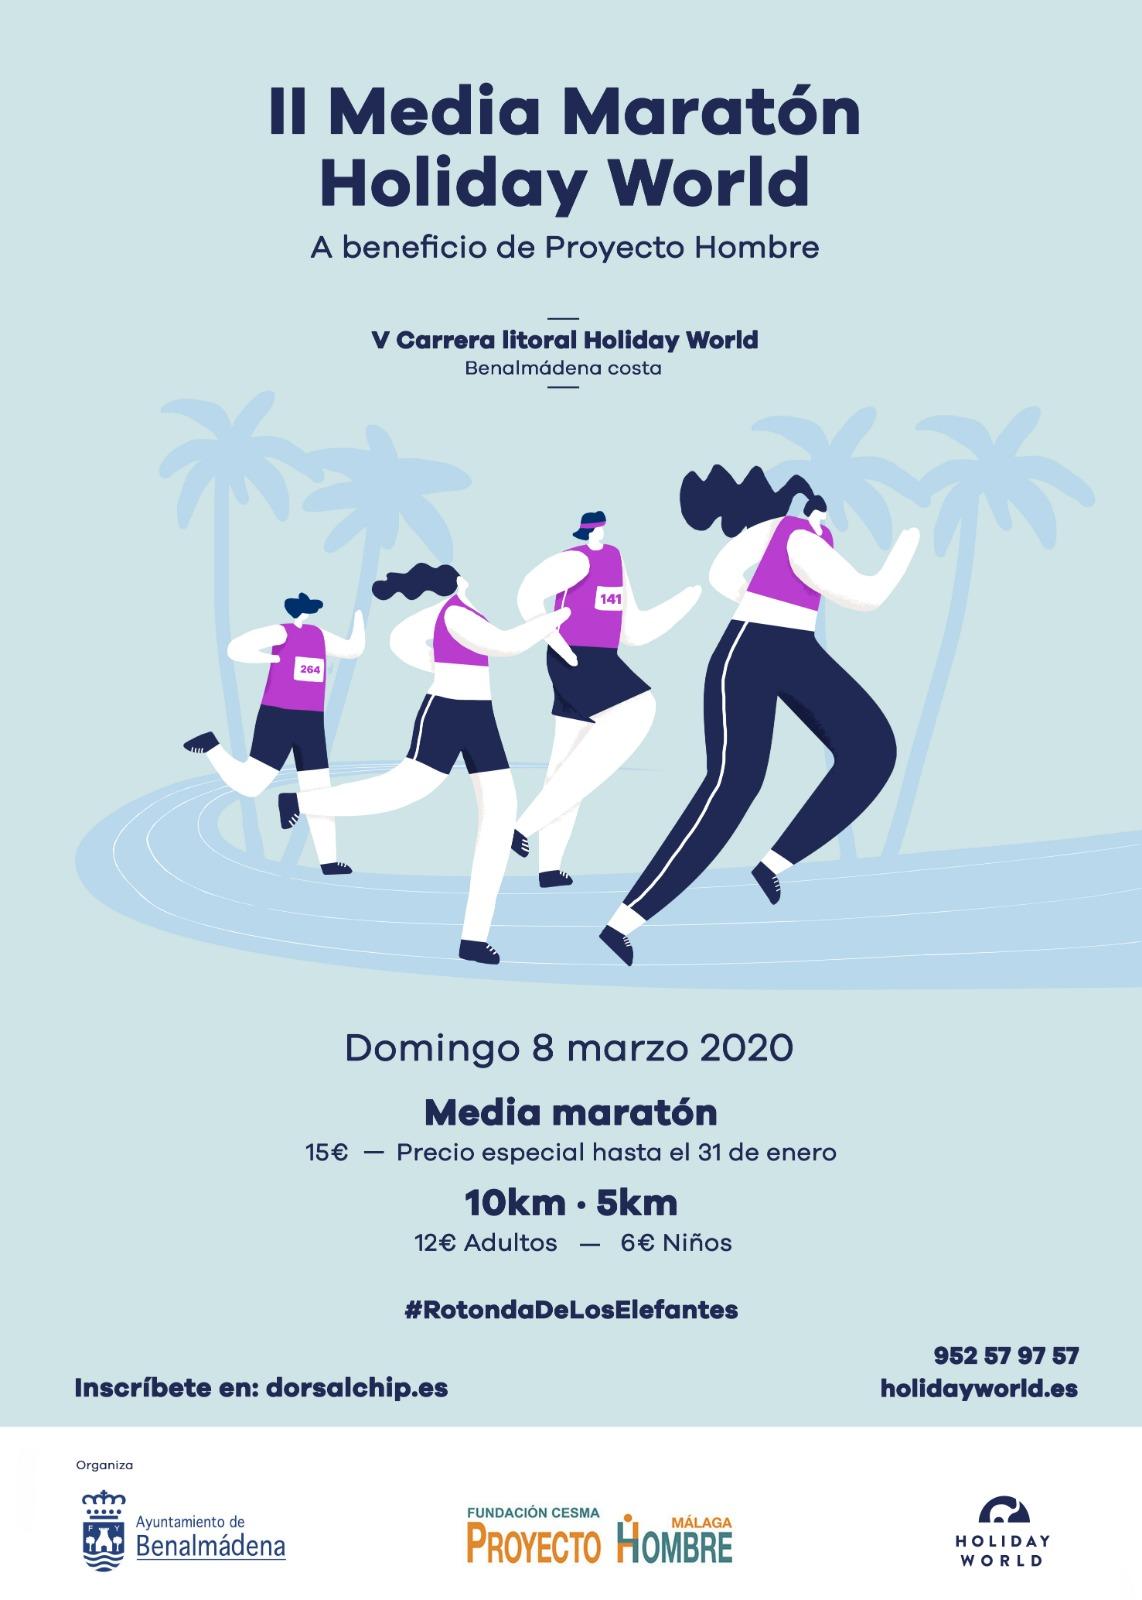 La II Media Maratón y V Carrera Litoral Holiday World del domingo, 8 de marzo, en Benalmádena Costa podrá afectar a varias líneas del Consorcio